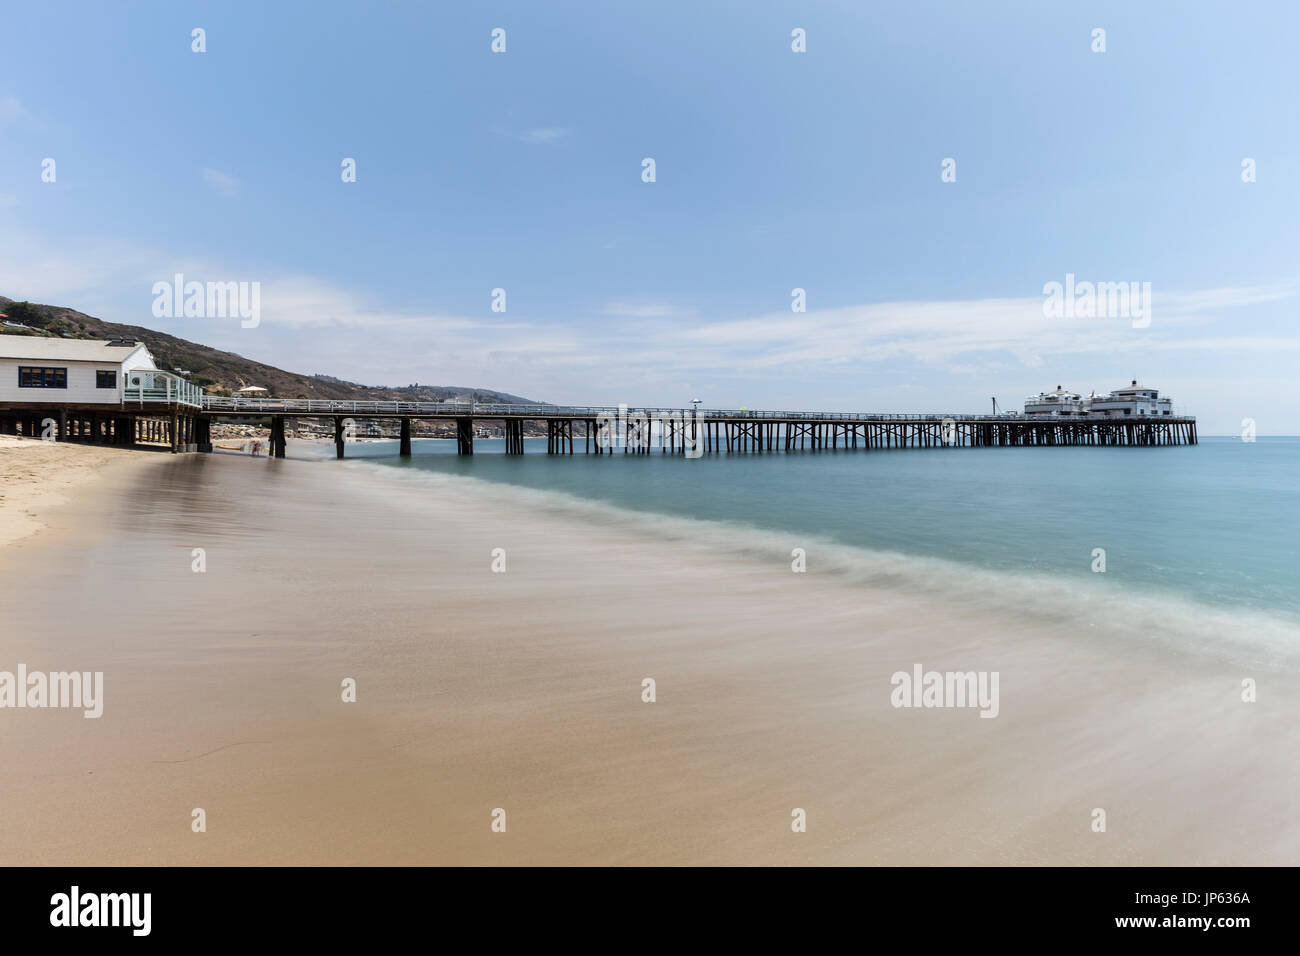 Malibu Pier playa con desenfoque de movimiento del agua del océano Pacífico, cerca de Los Angeles, en el sur de California. Imagen De Stock